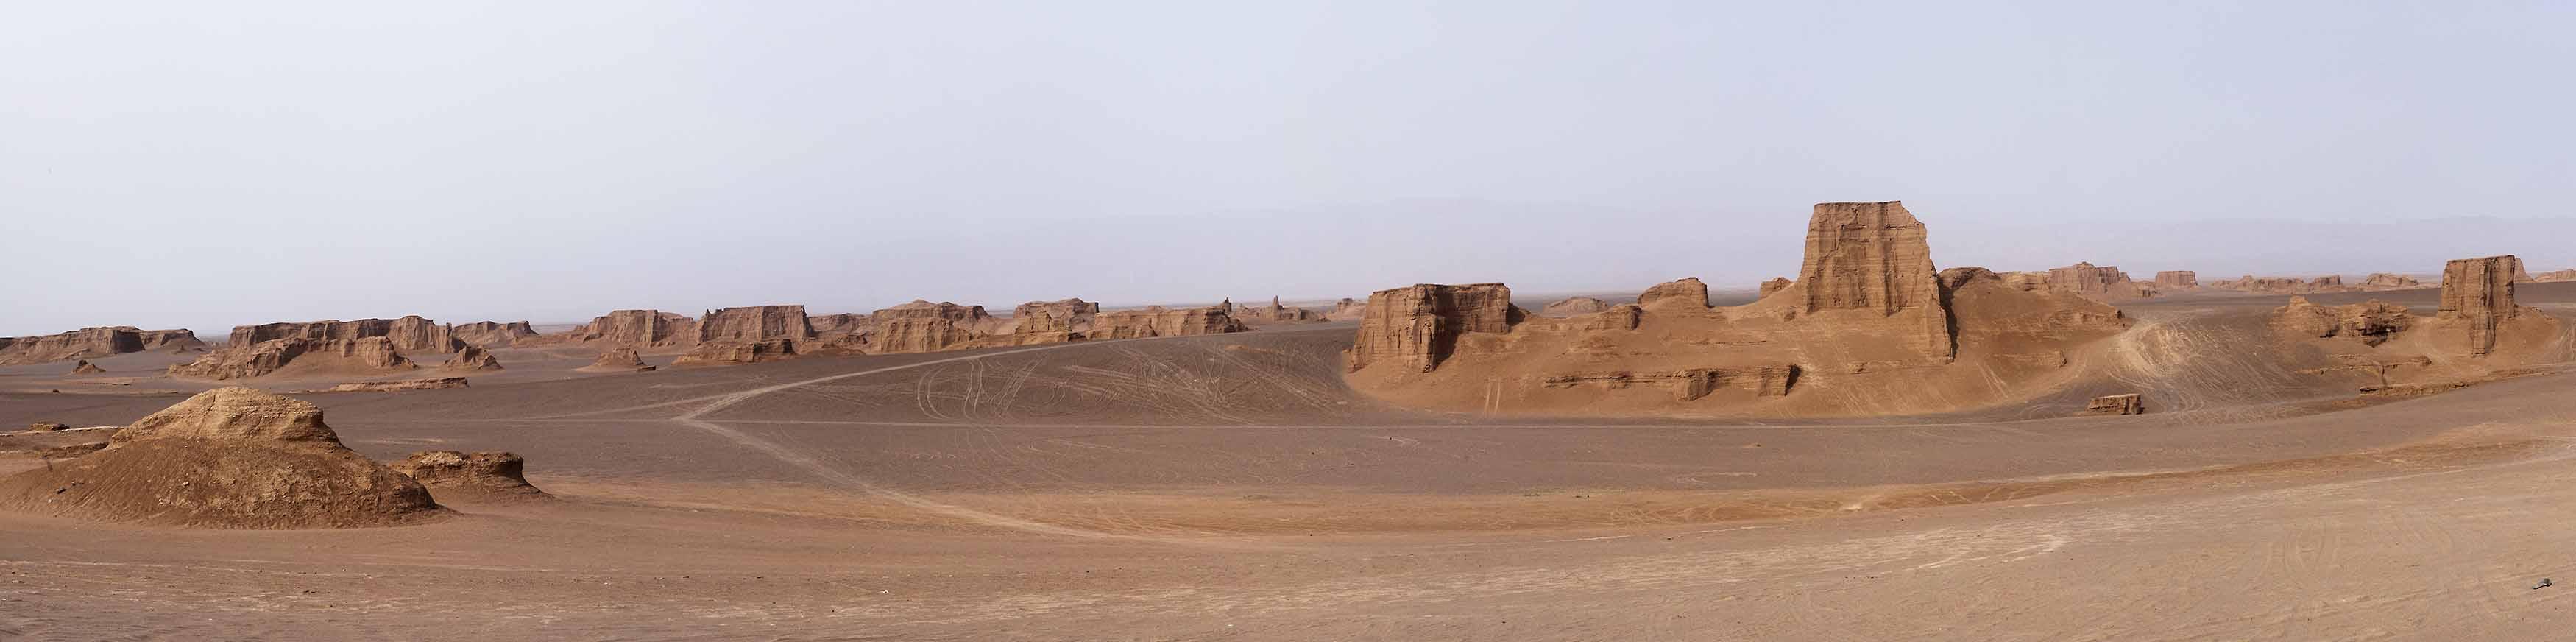 Wüste Lut Panorama